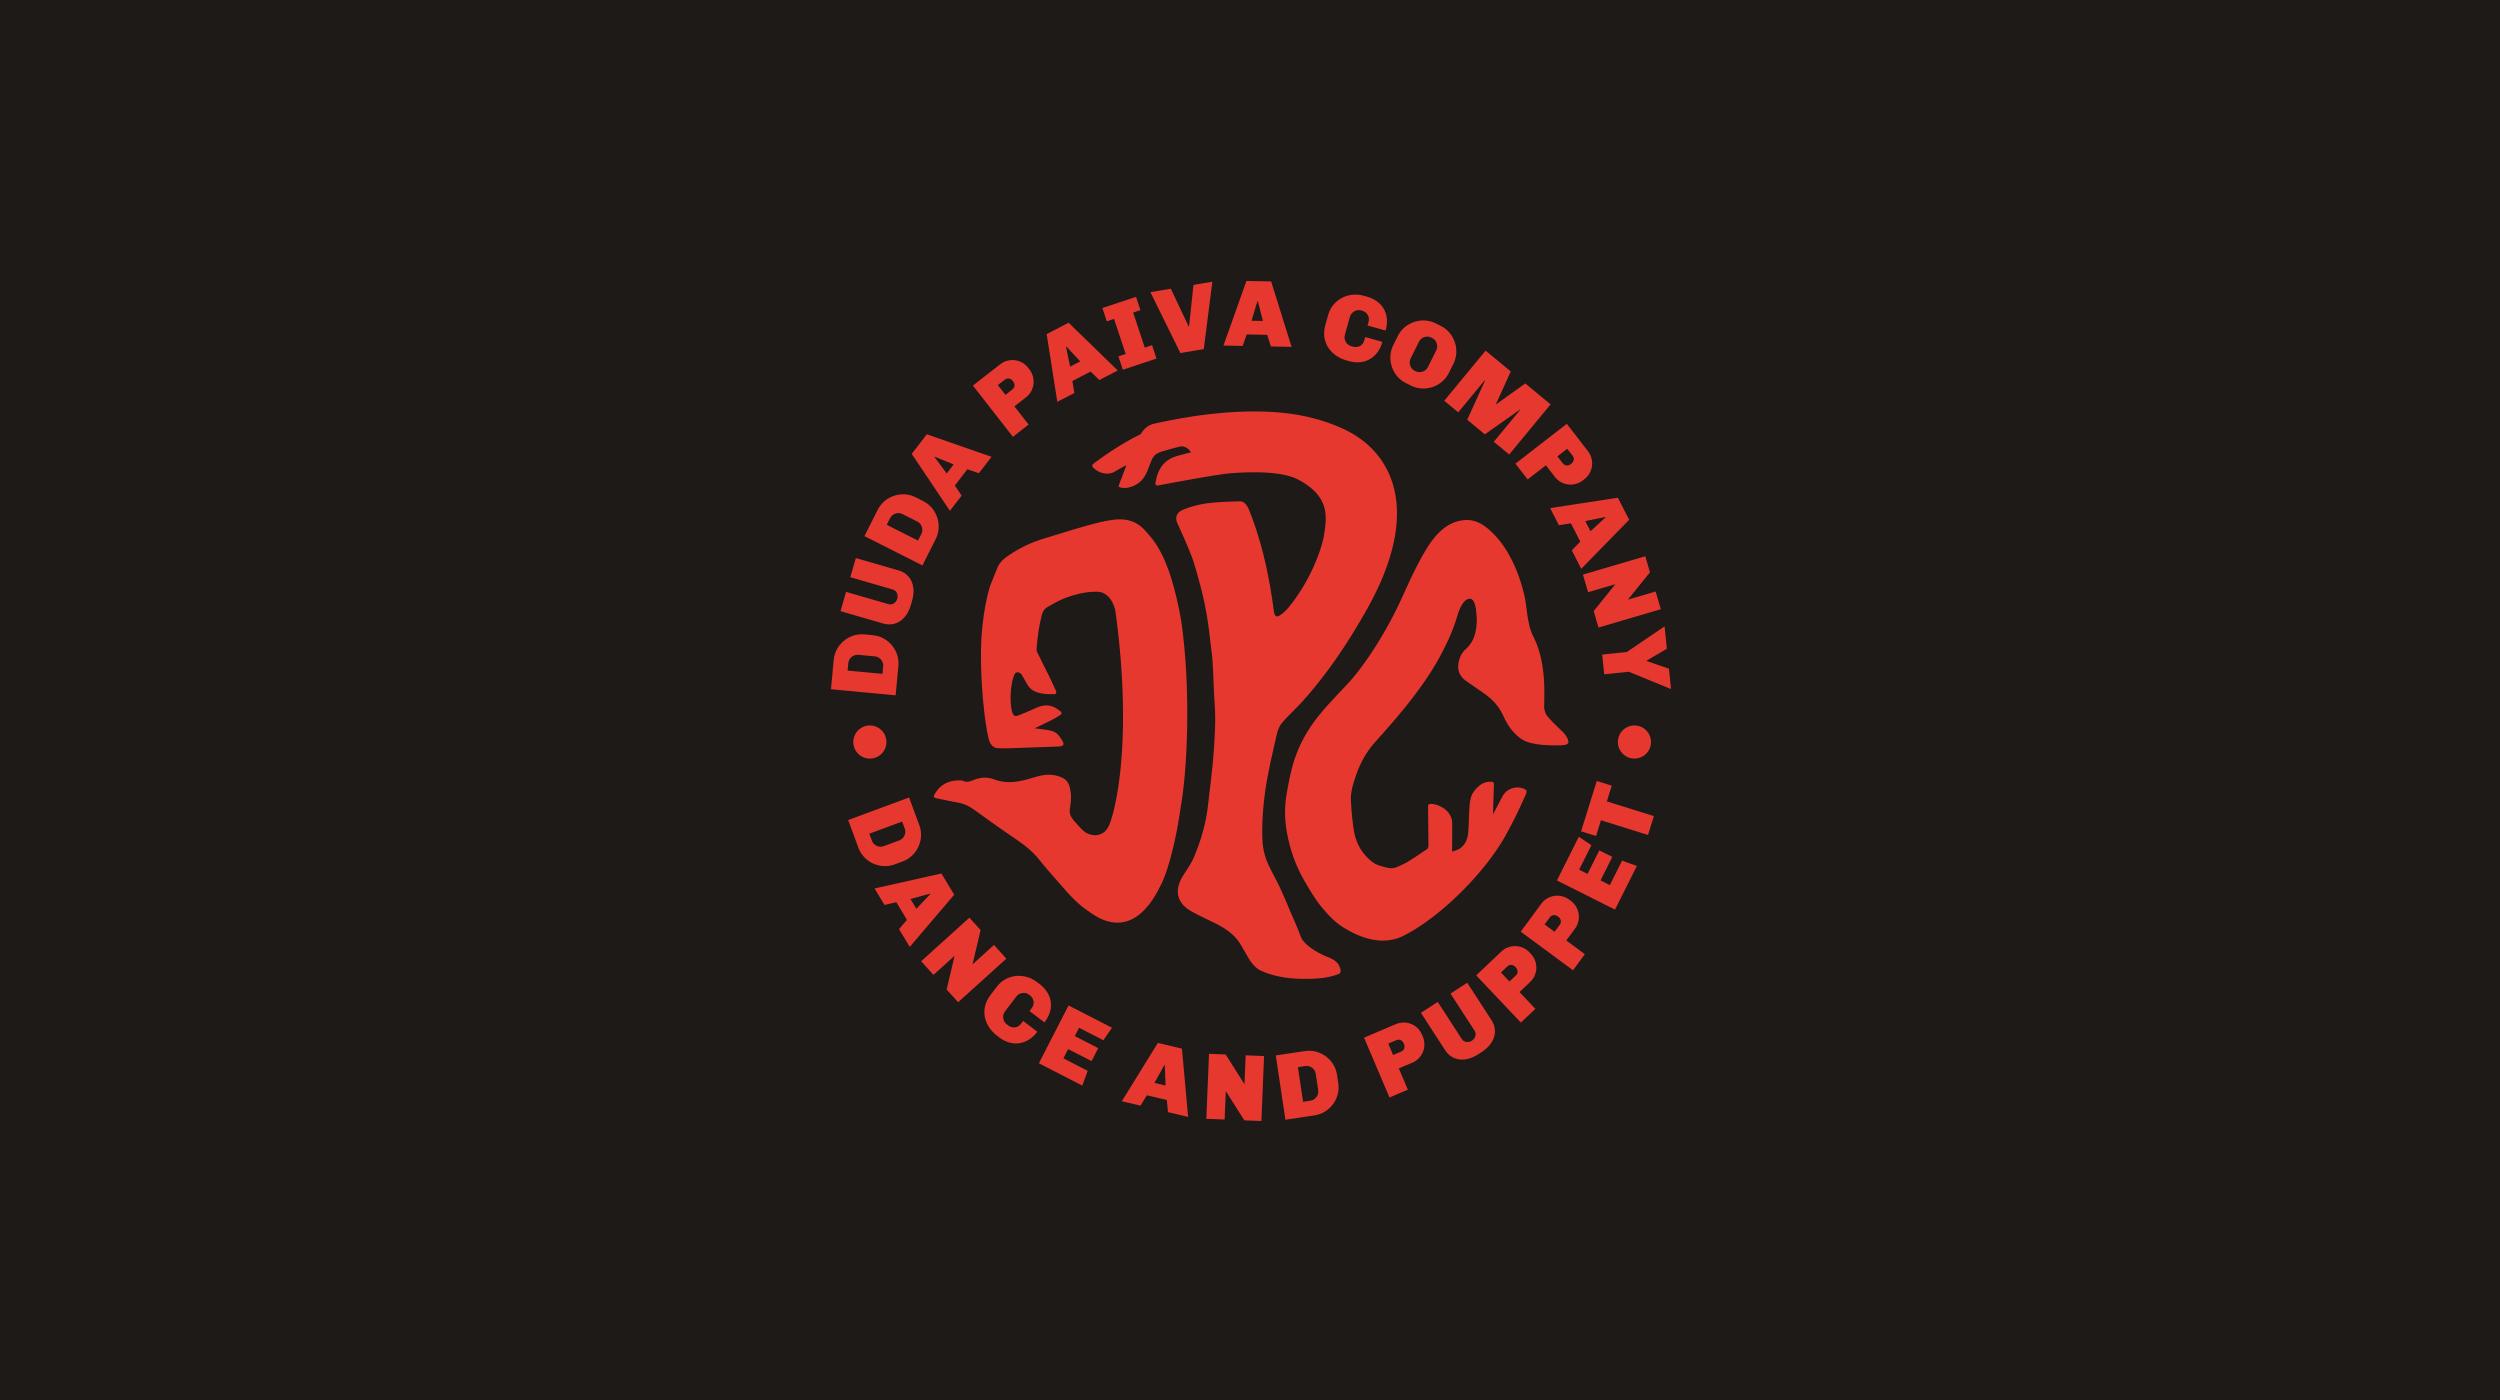 dpc-branding3.jpg